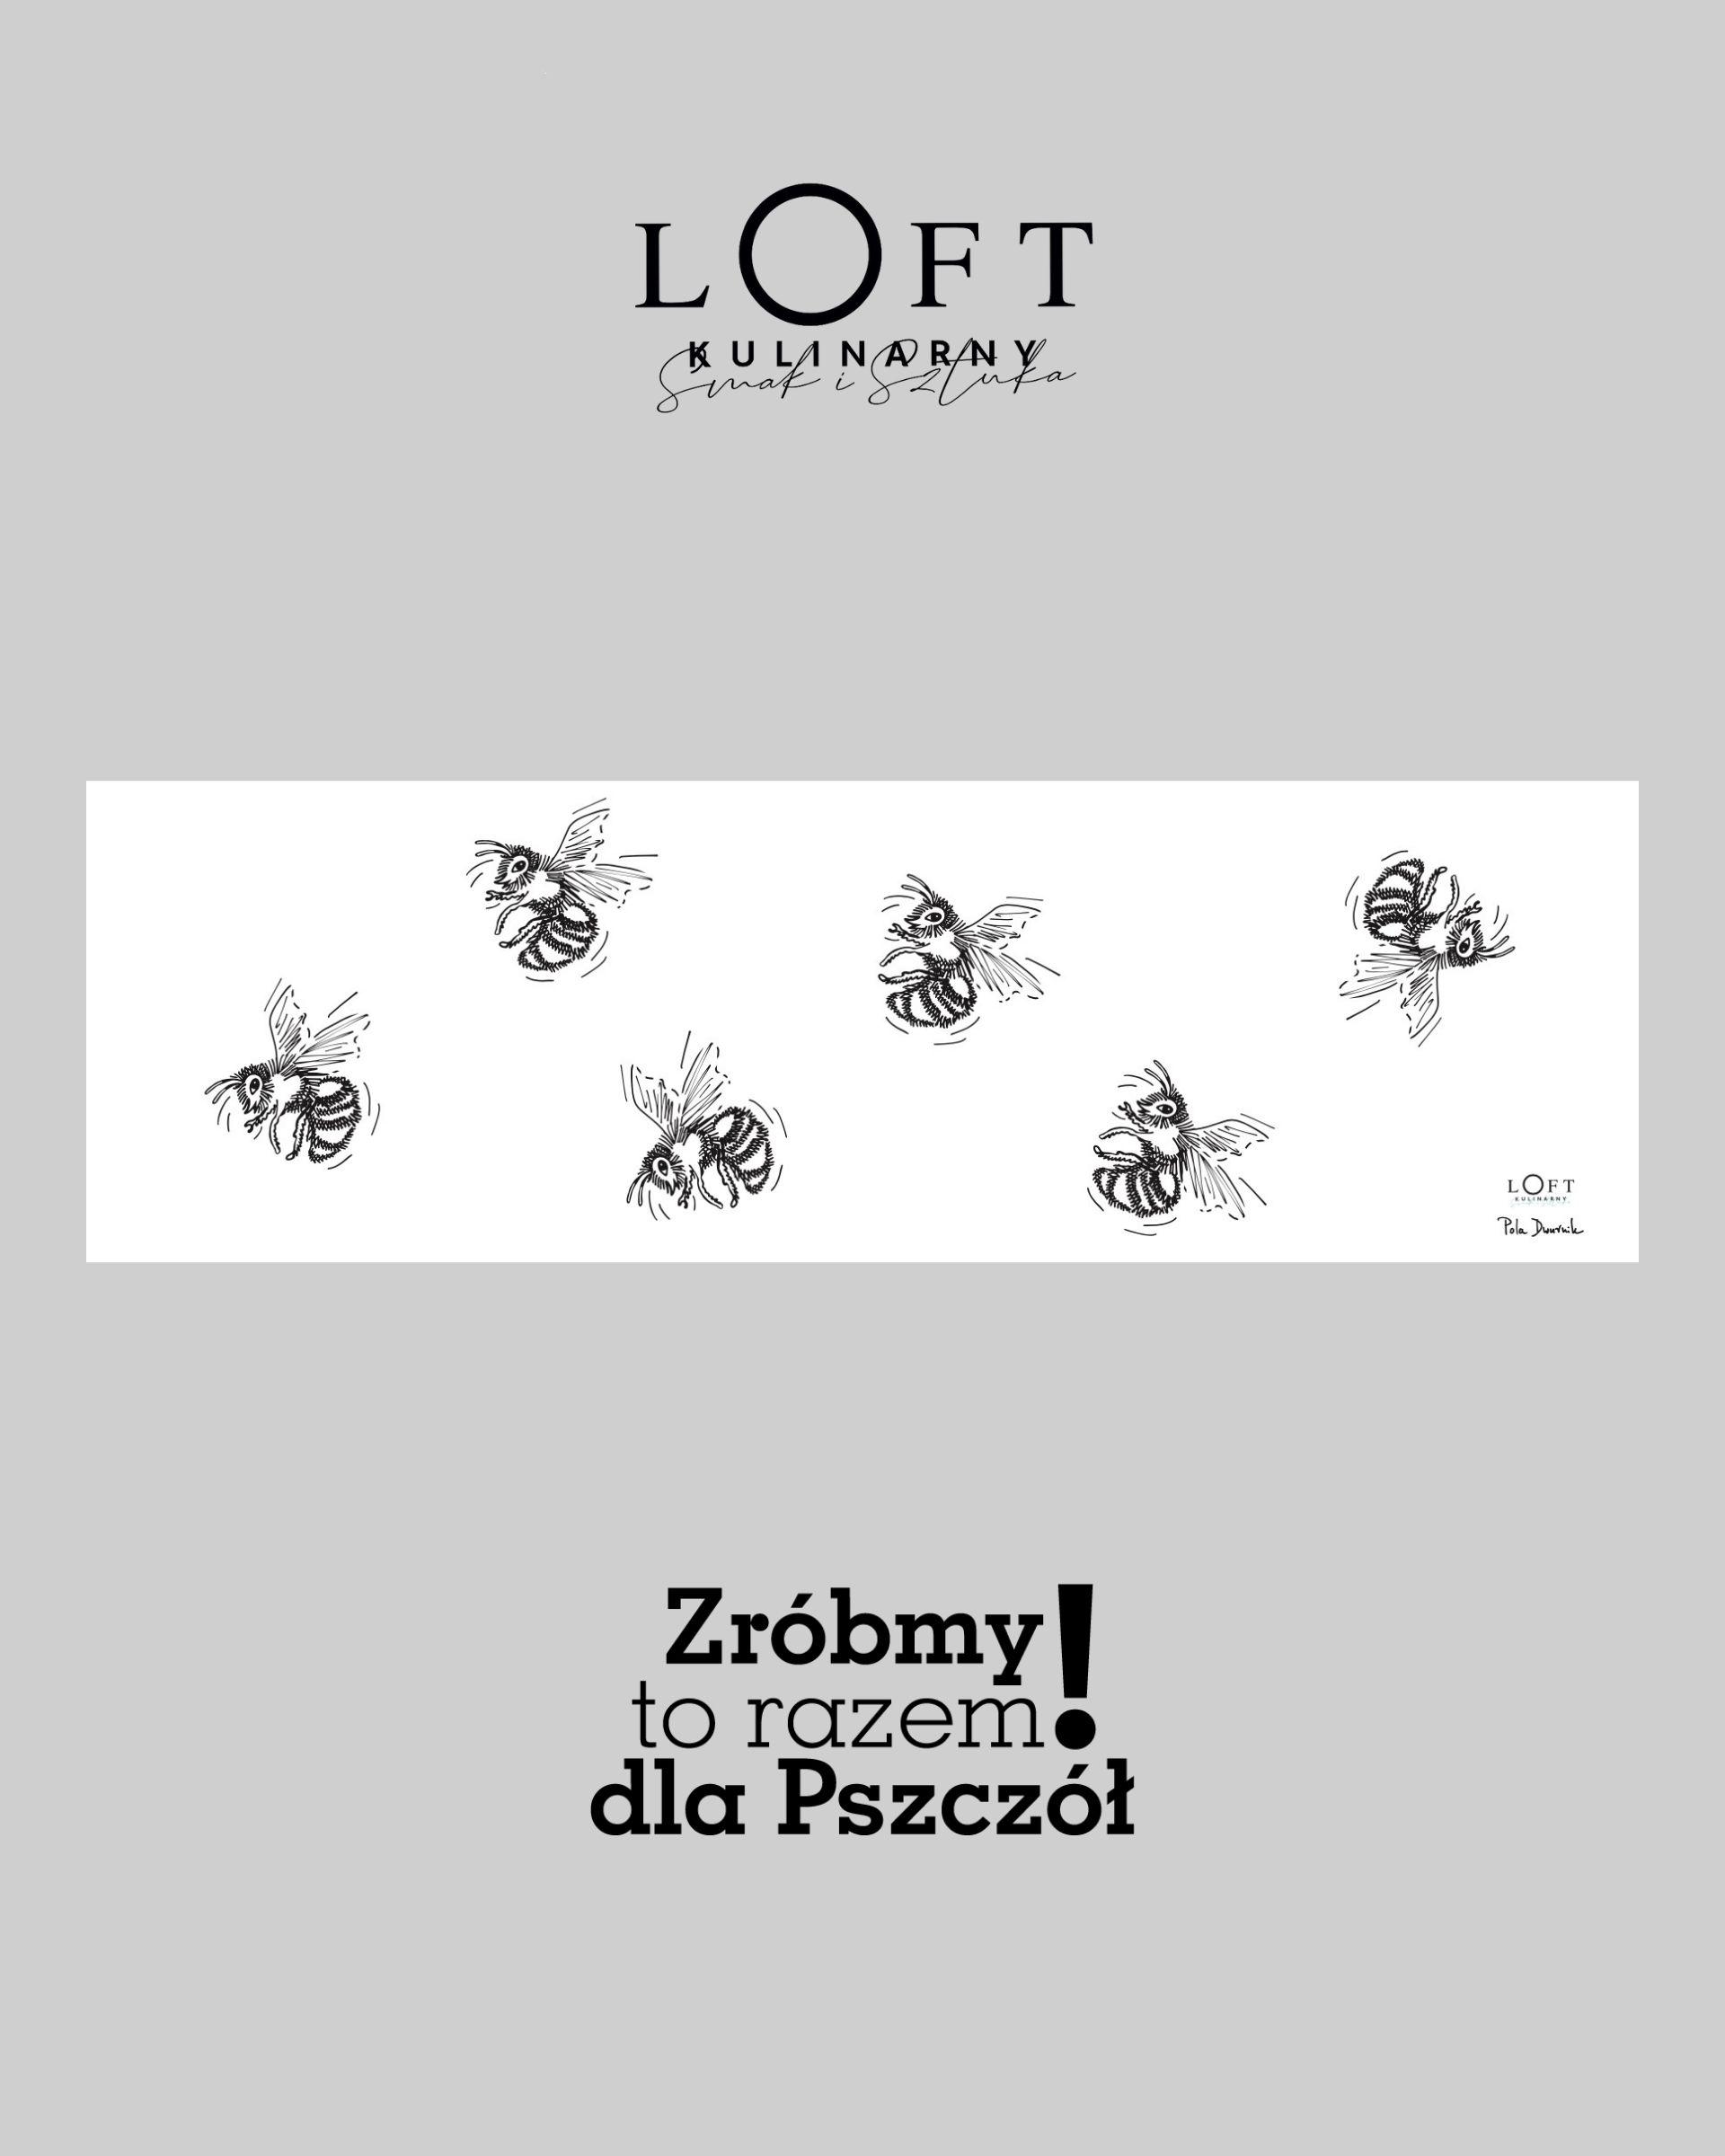 Bieżnik art collection Pola Dwurnik